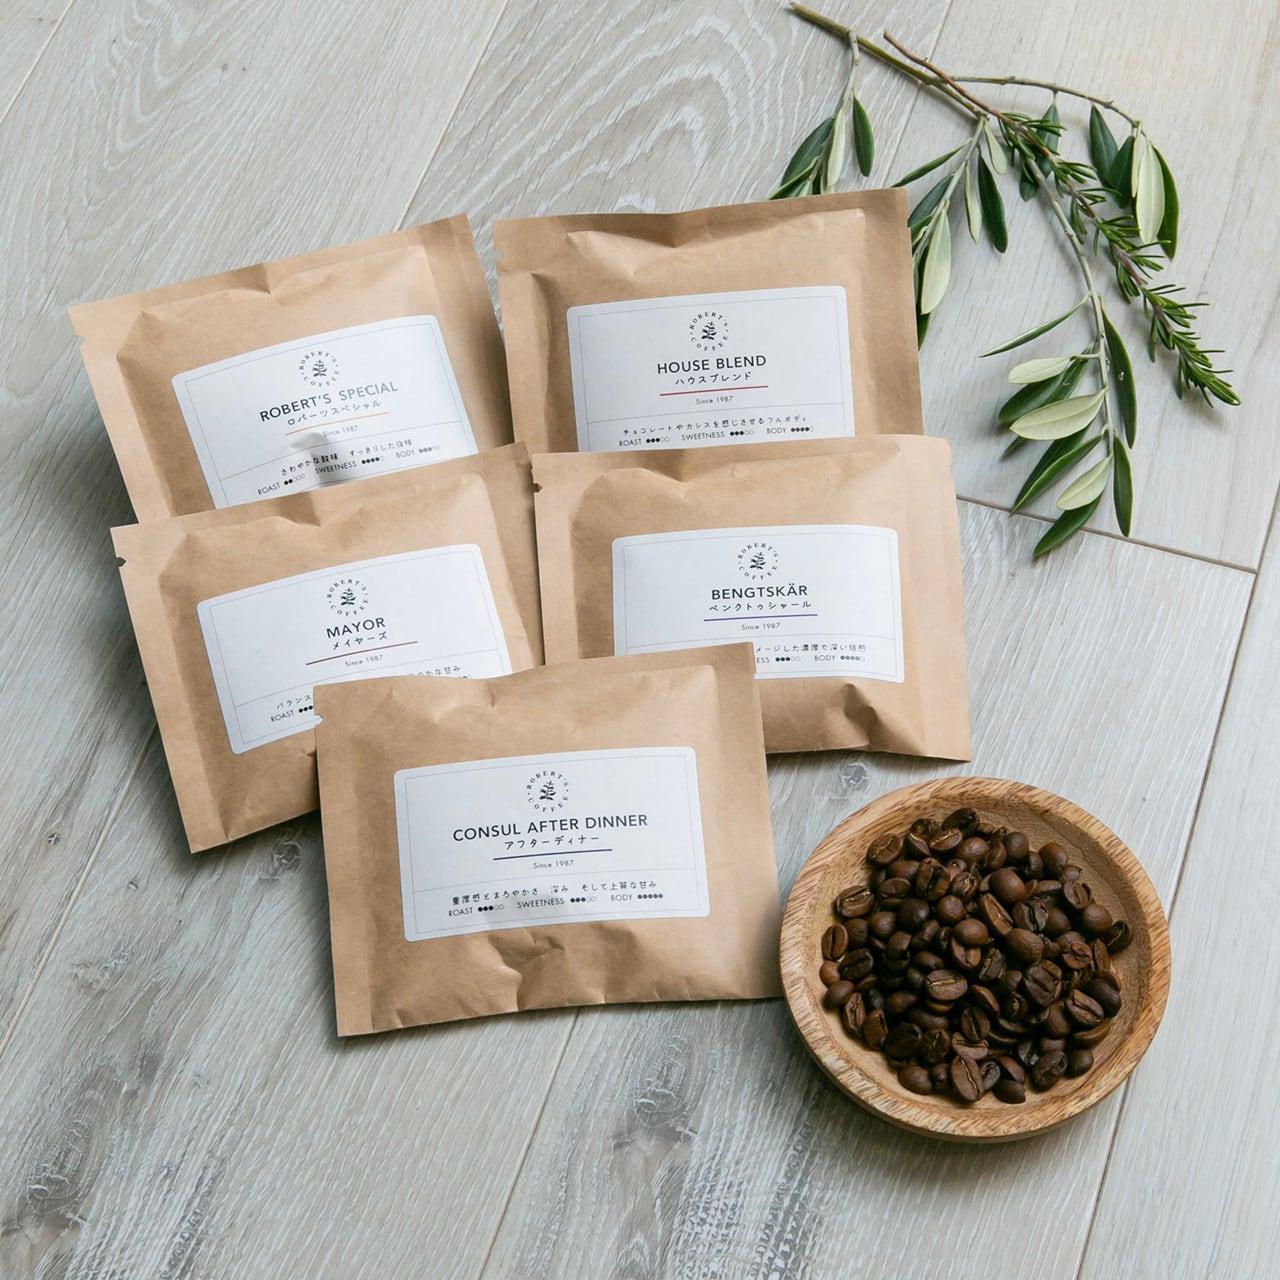 スタートパック ロバーツコーヒーブレンド5種類